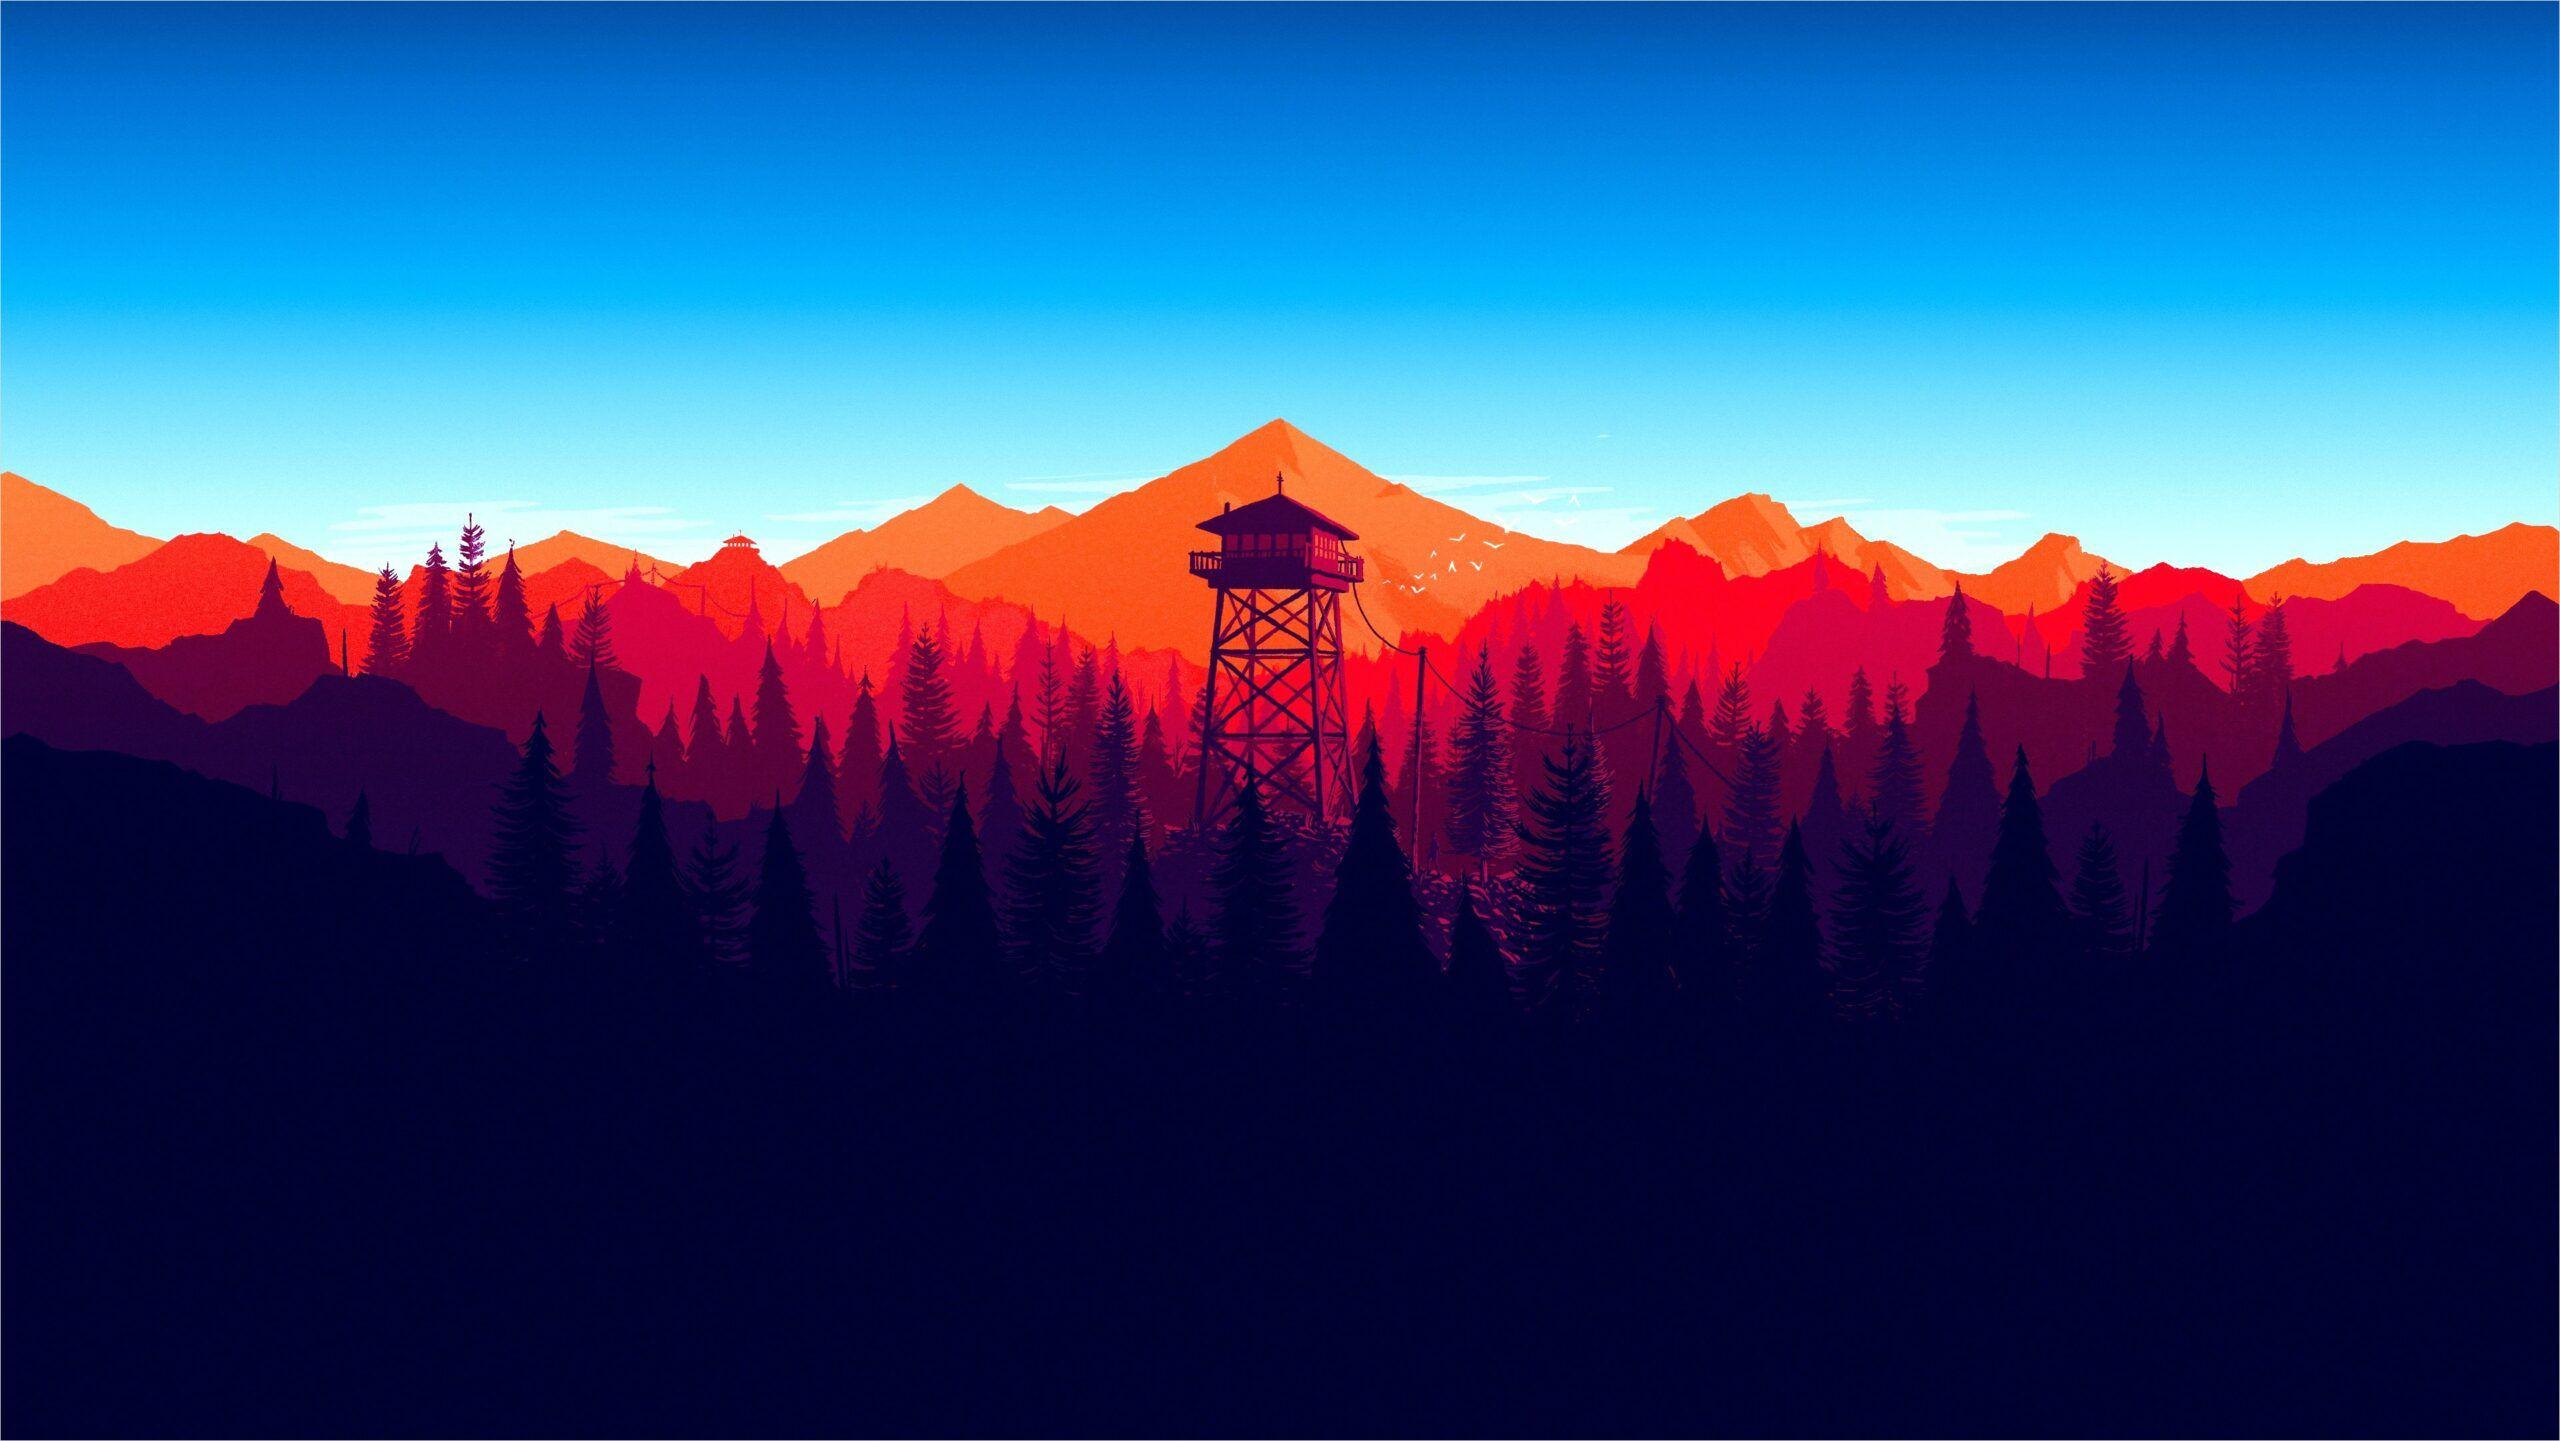 4k Minimalist Forest Wallpaper In 2020 Wallpaper Pc Wallpaper Forest Wallpaper